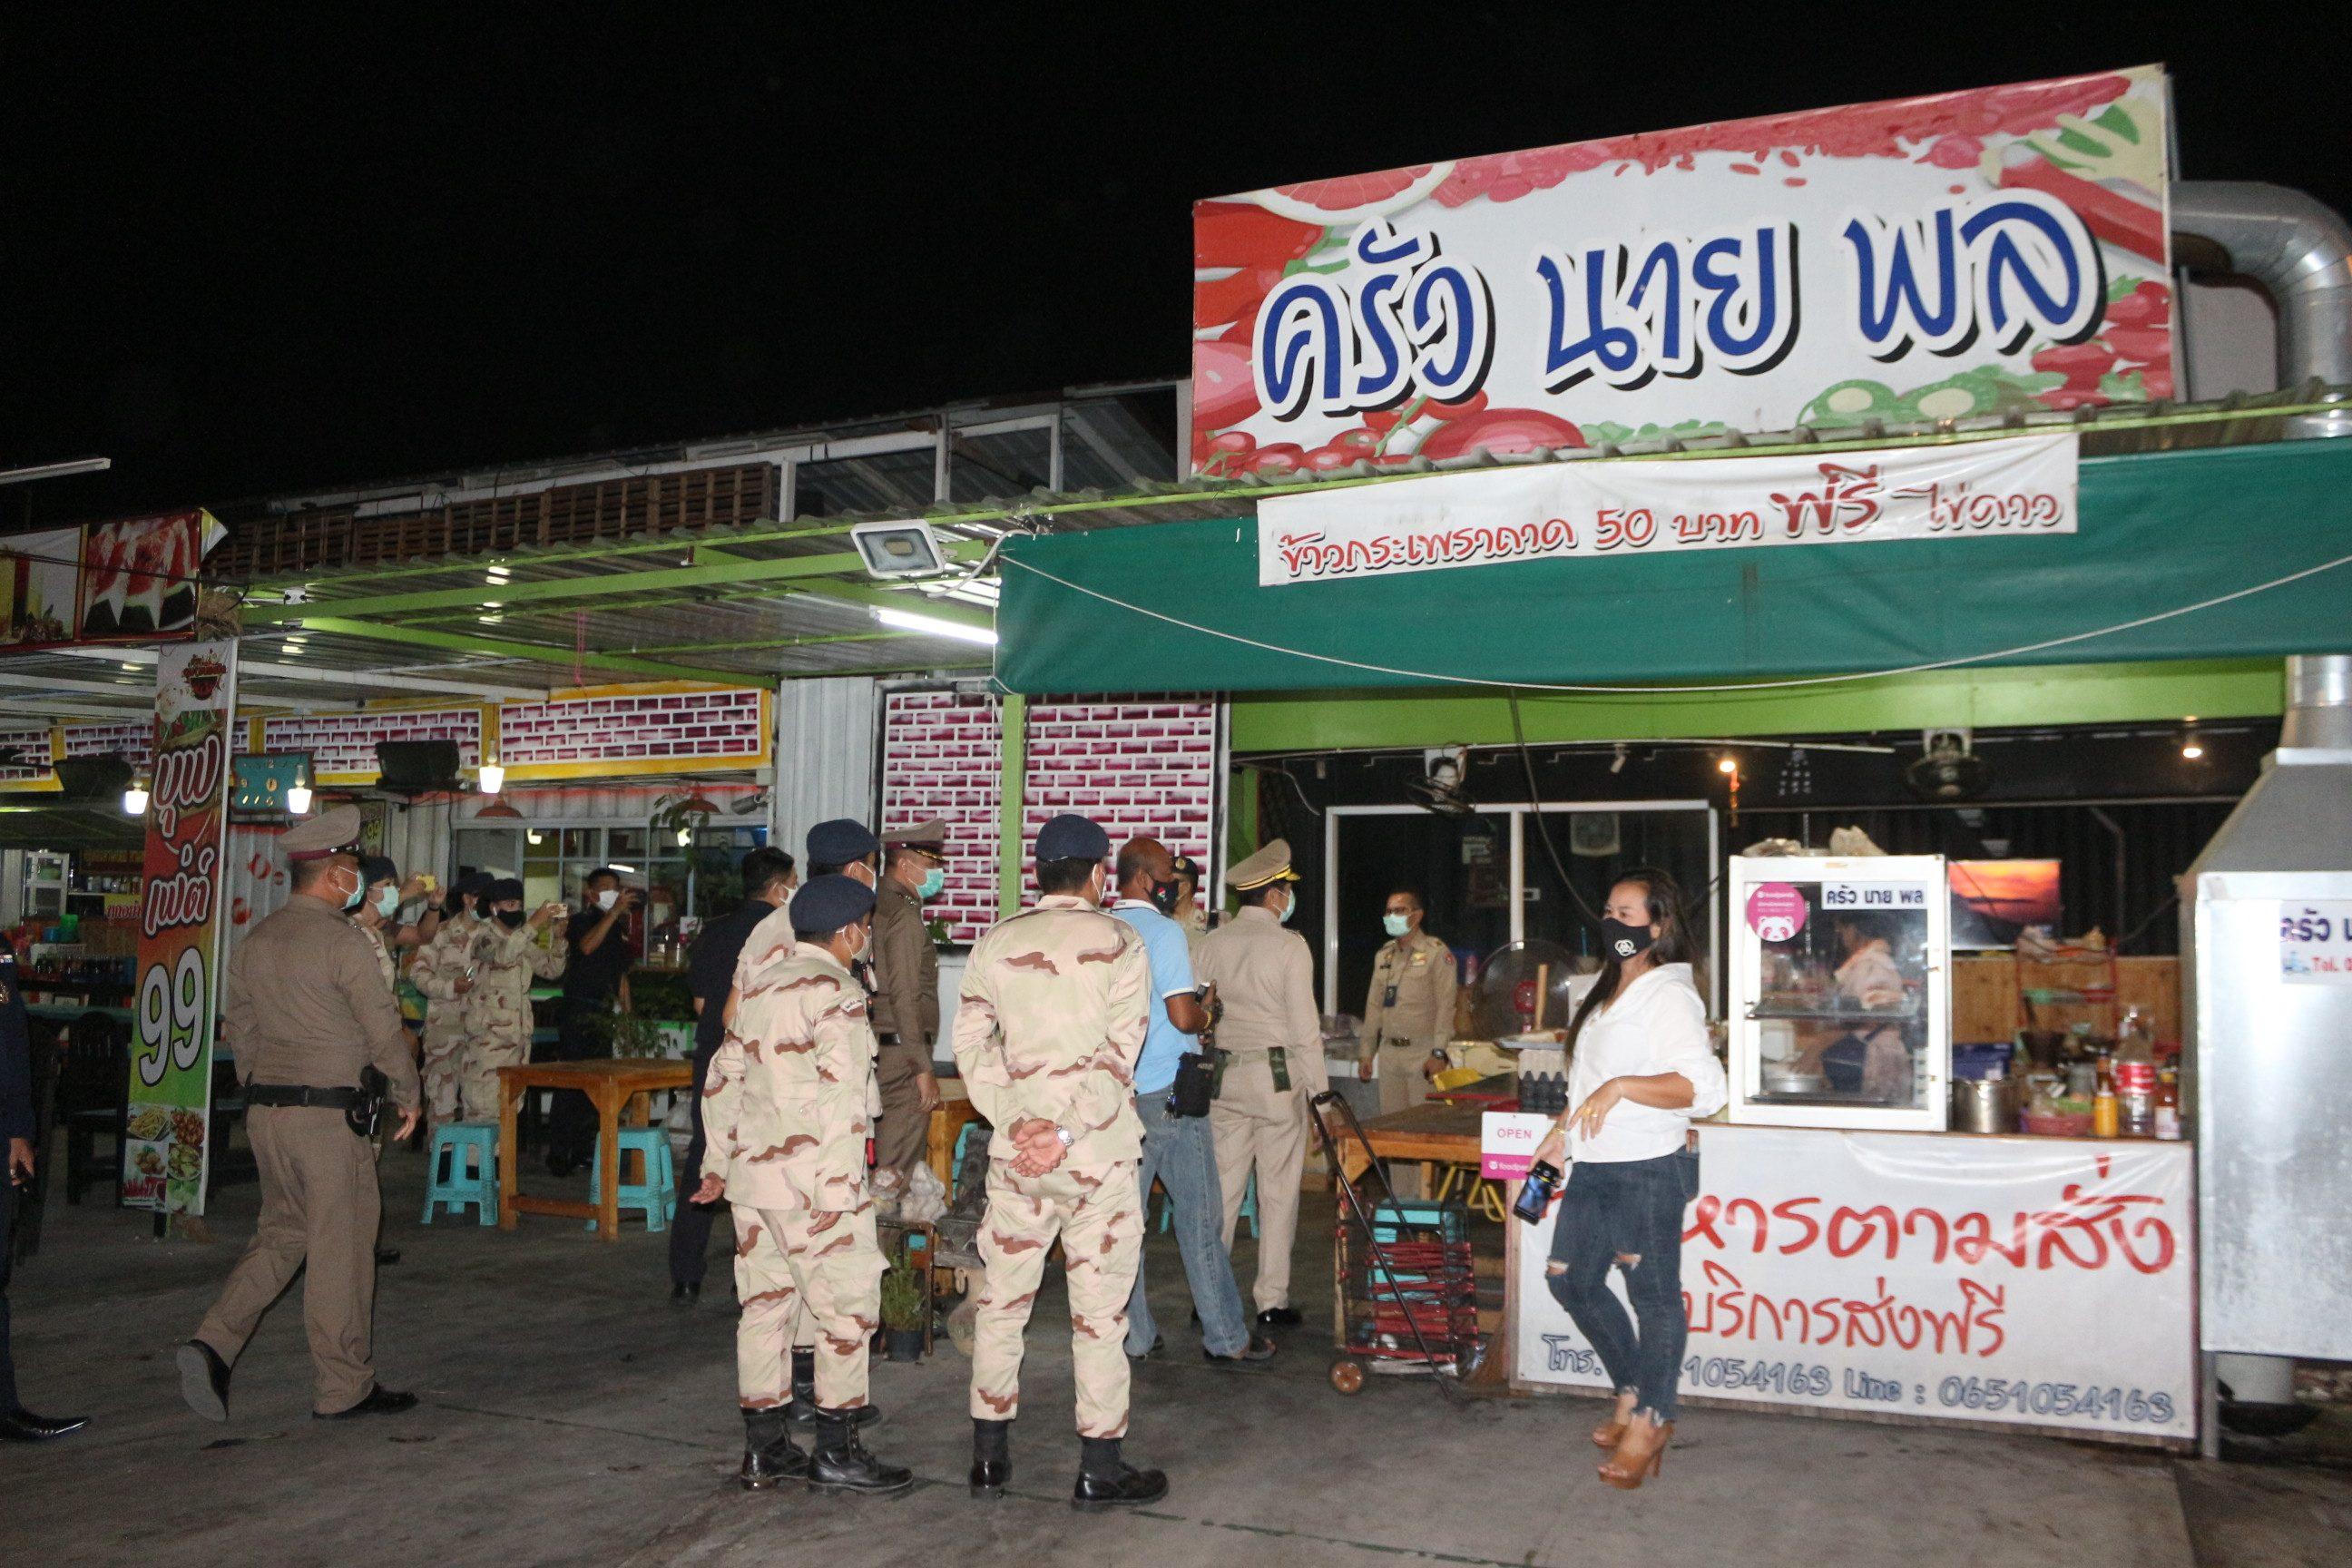 ปทุมธานีสนธิกำลัง 4 ฝ่ายประชาสัมพันธ์นั่งรับประทานอาหารเว้นระยะห่าง แต่ยังคงห้ามขายสุรา